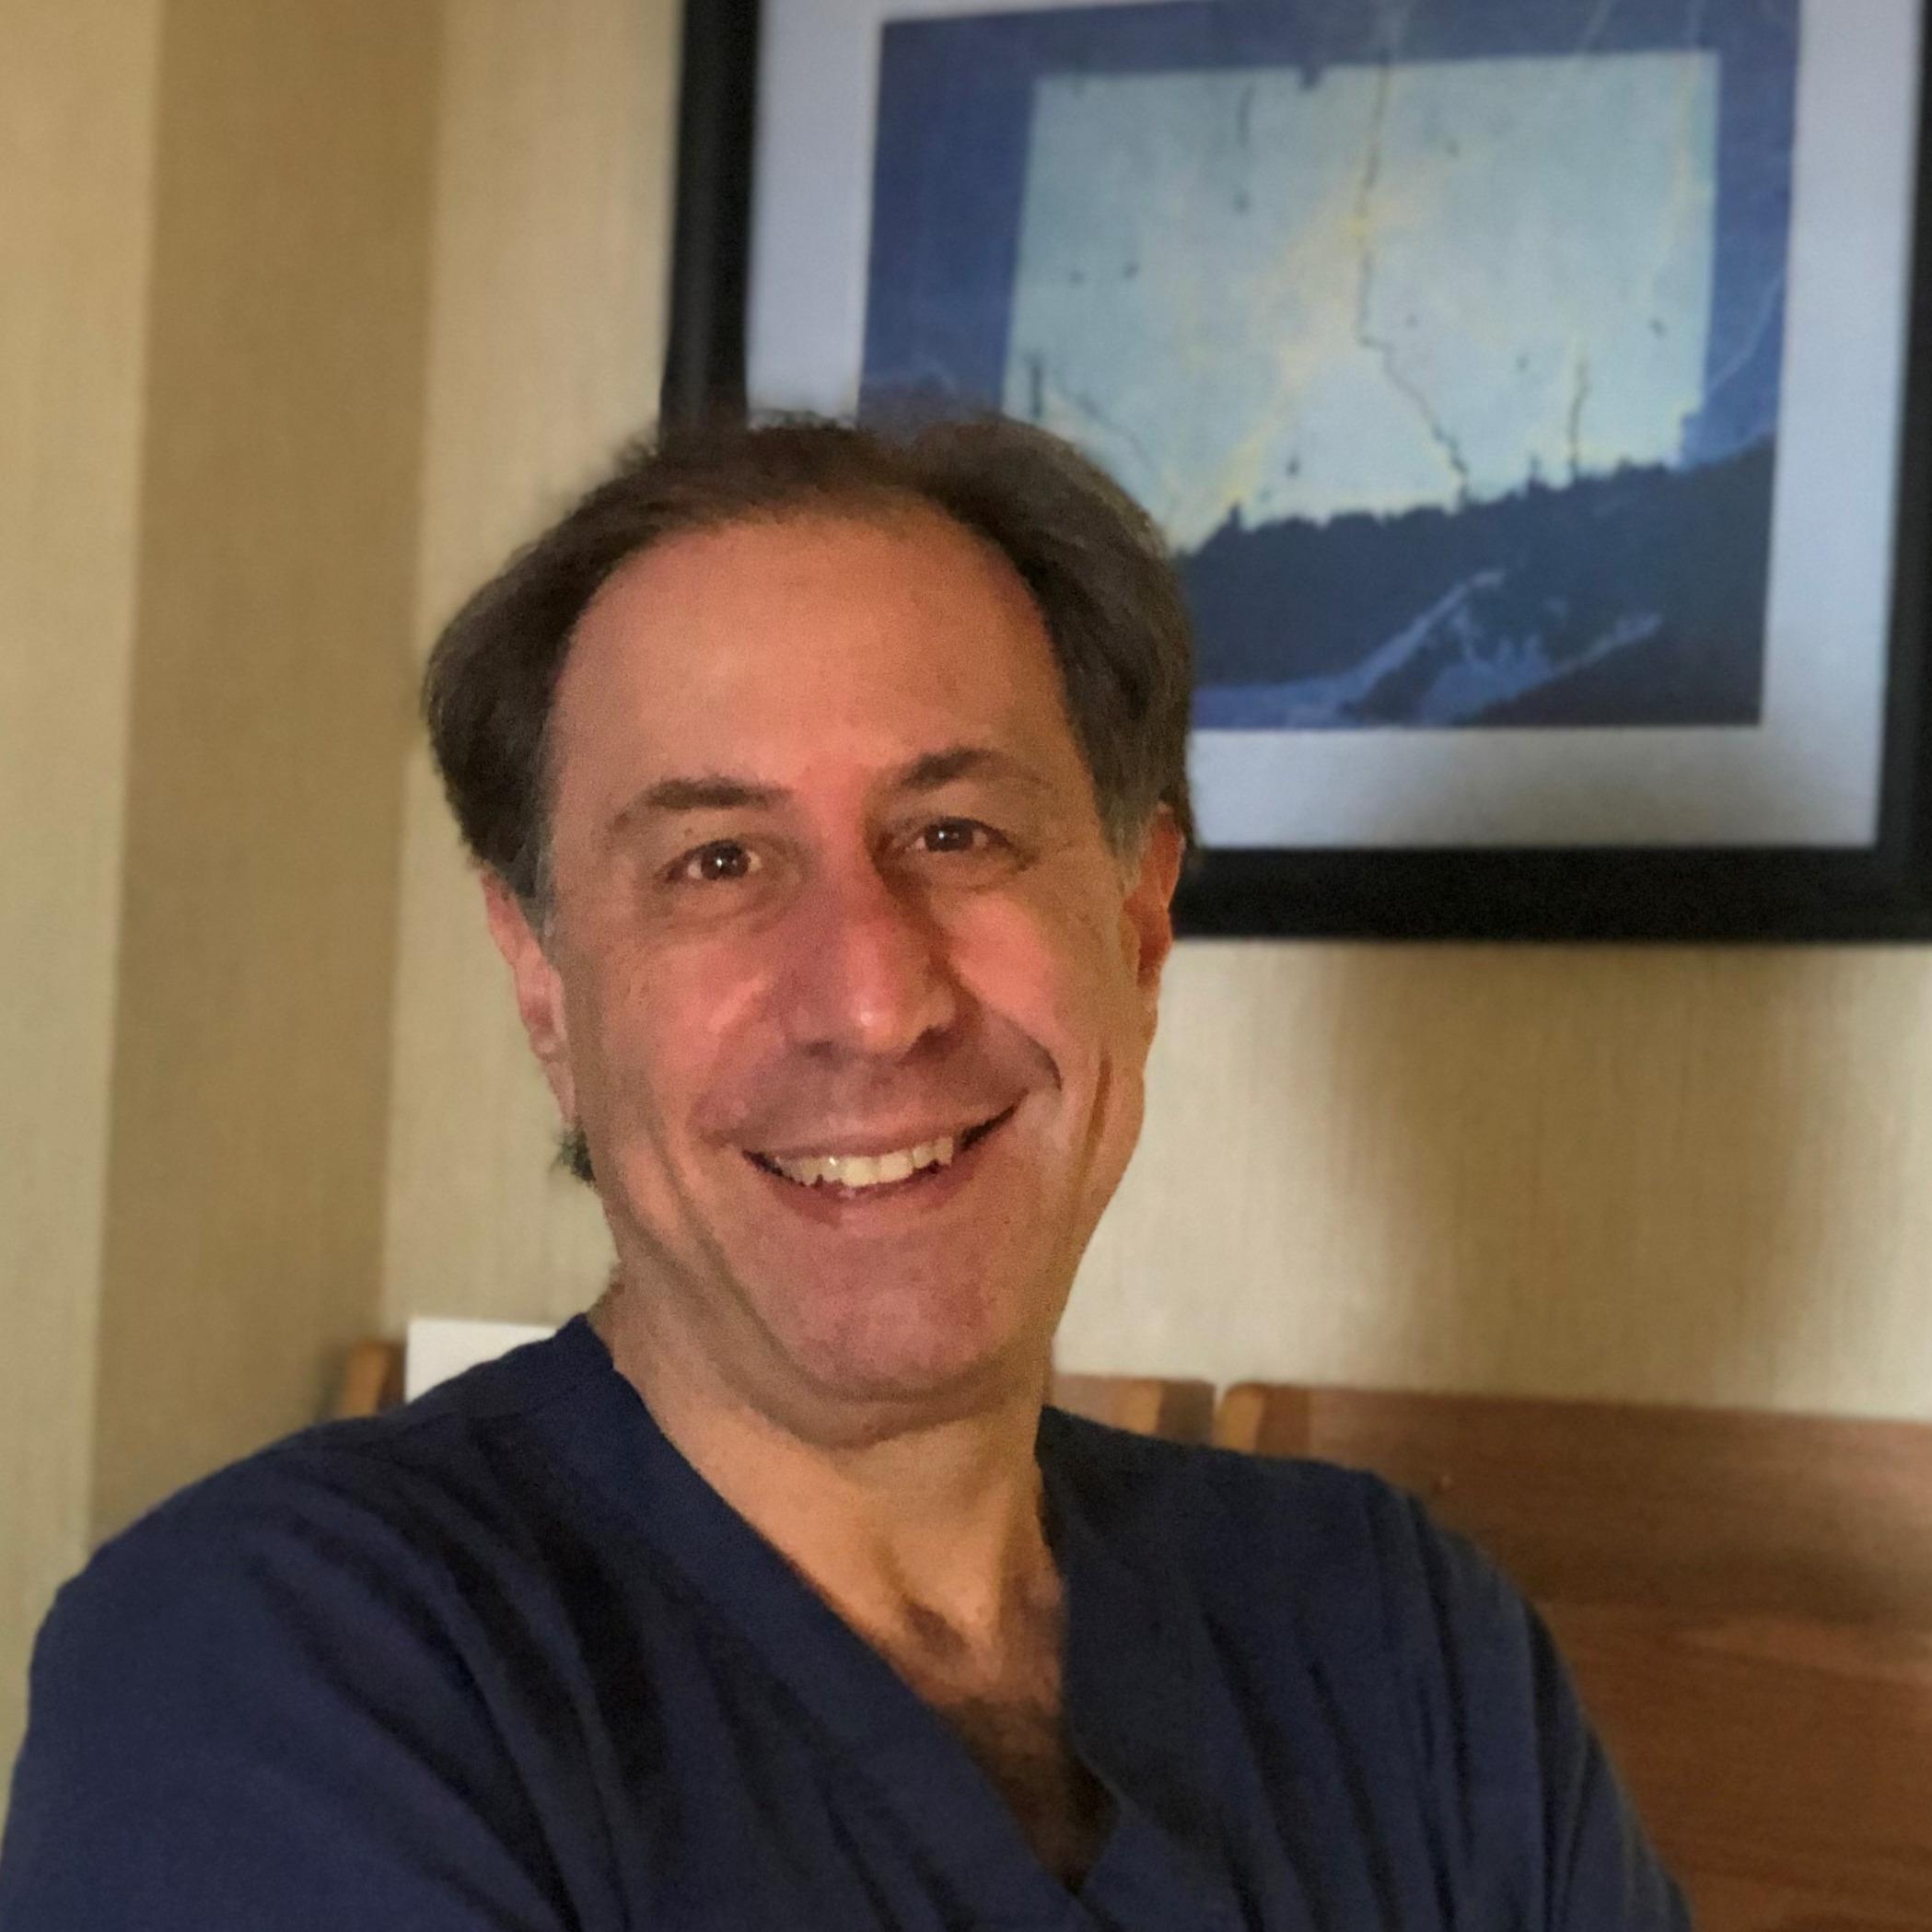 Dr. Michael J Safian